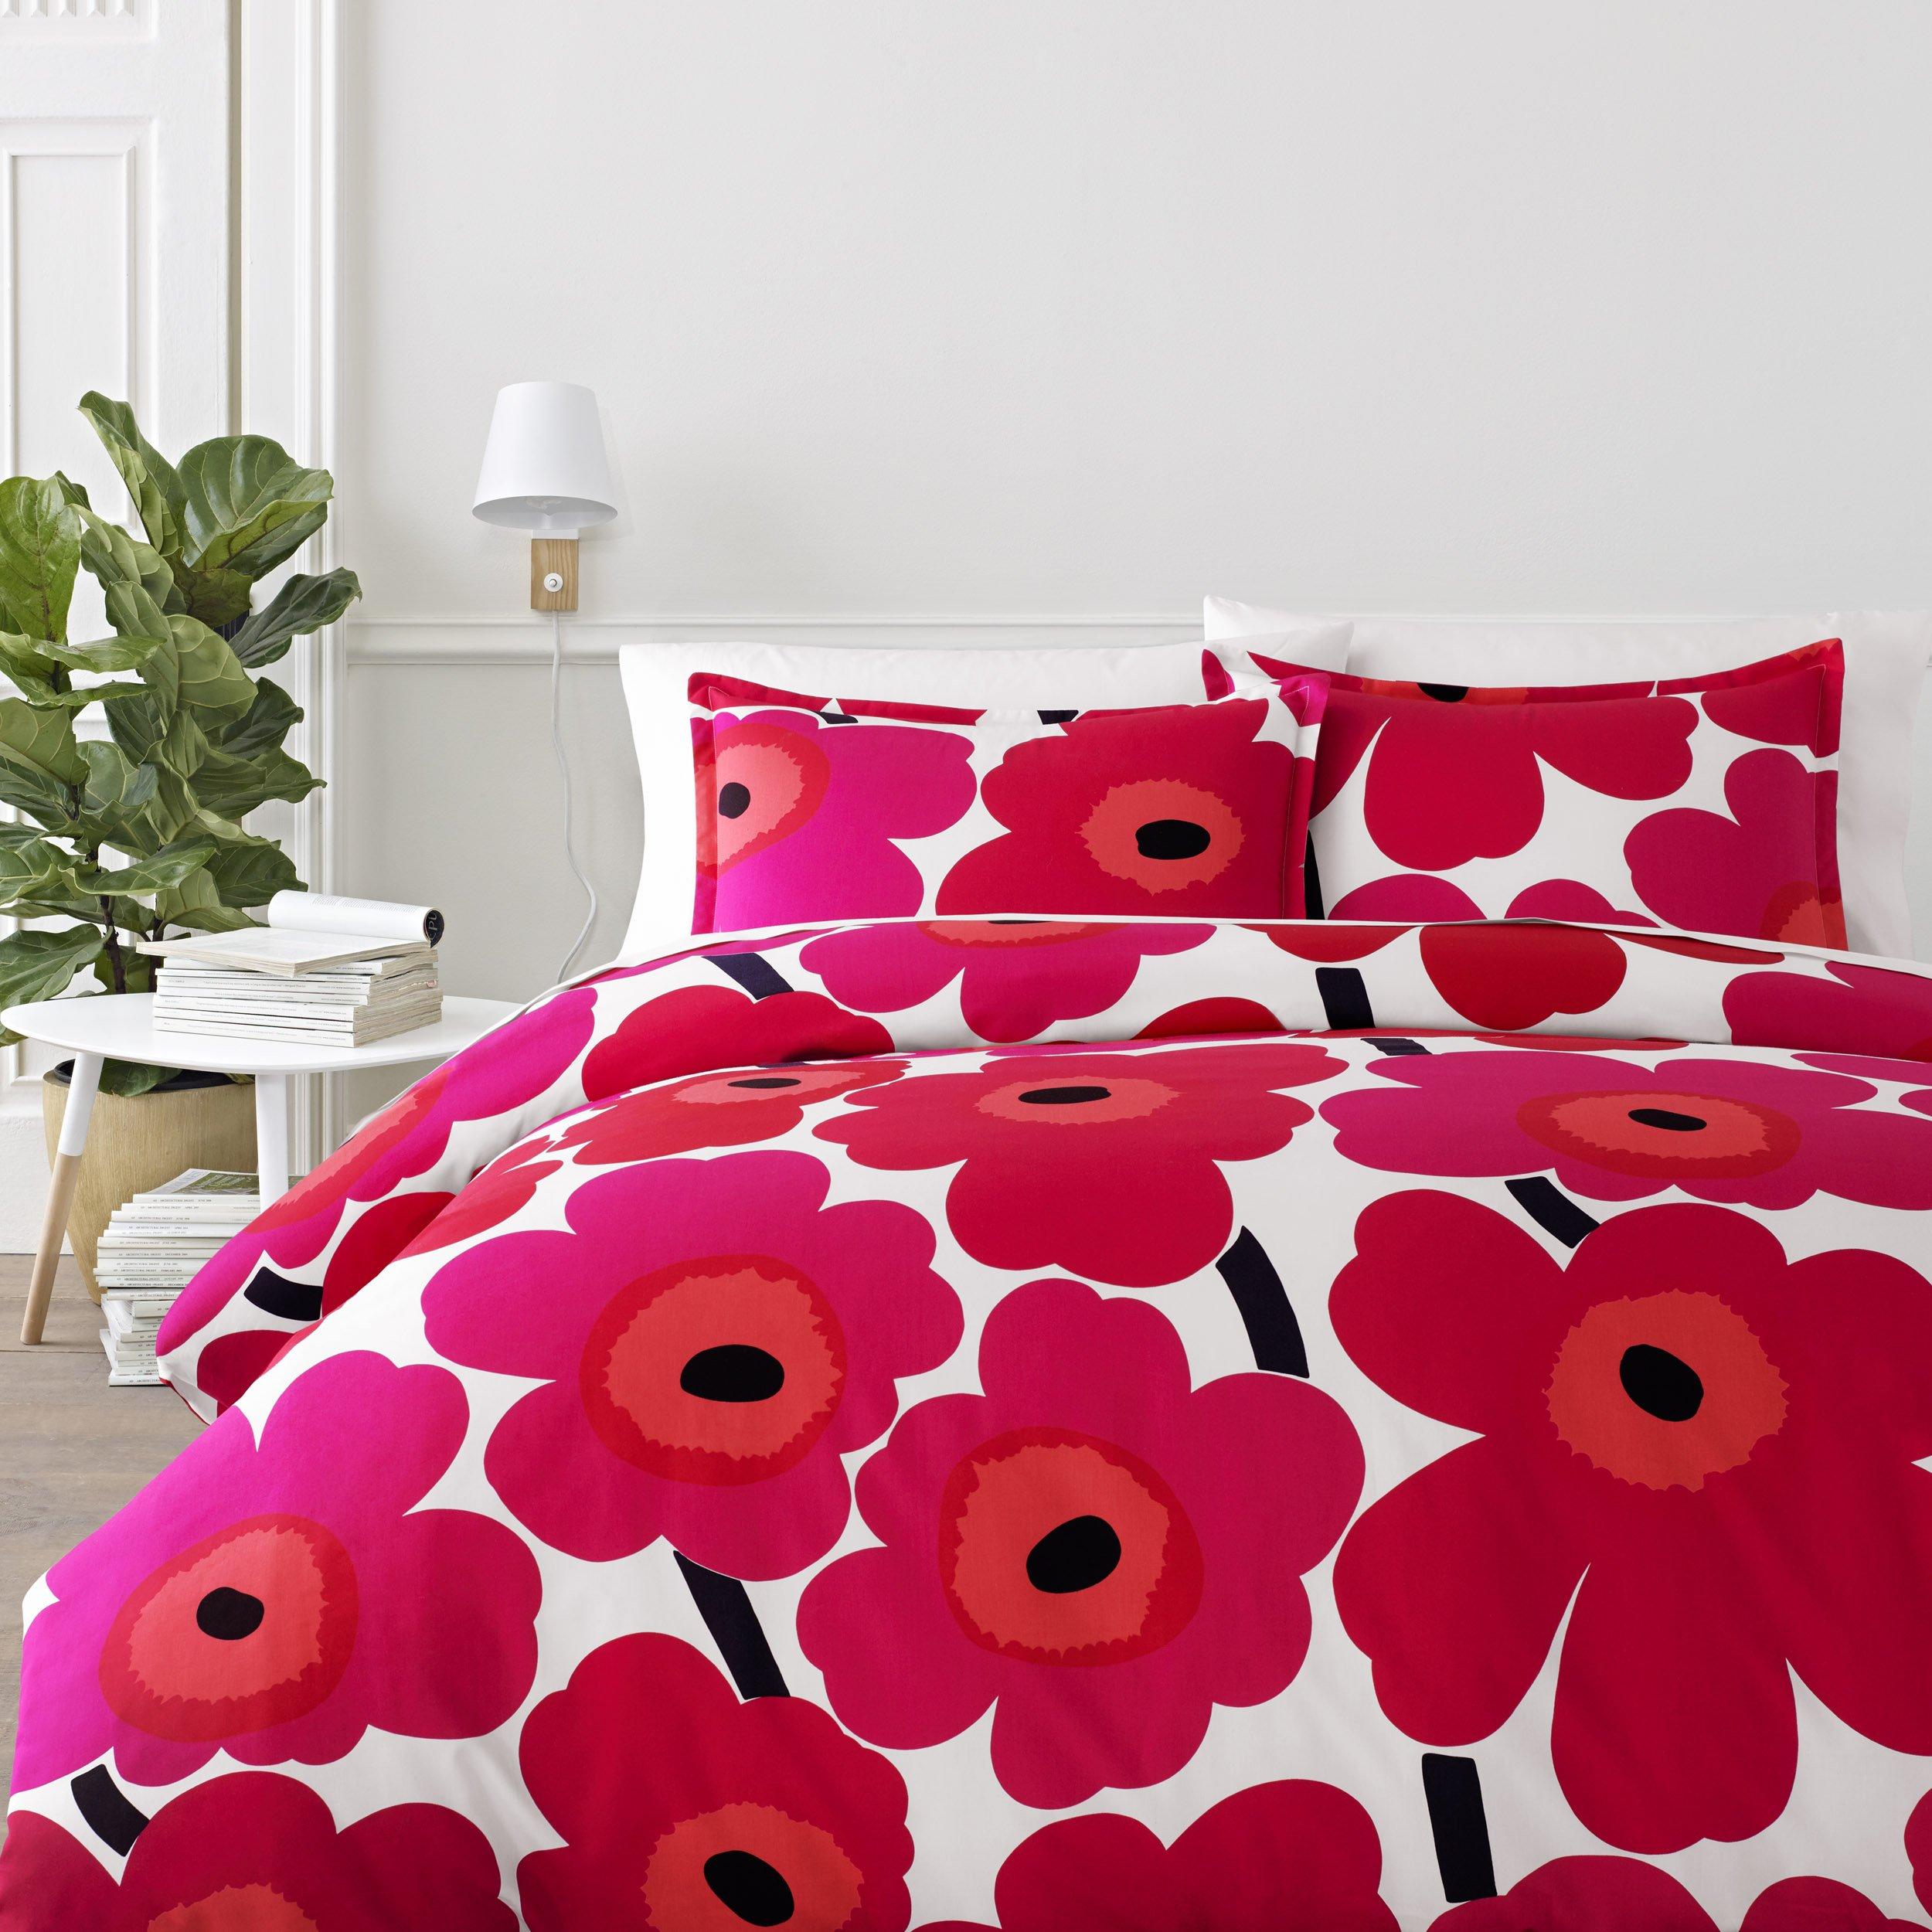 Marimekko 221452 Unikko Comforter Set Red, Full/Queen